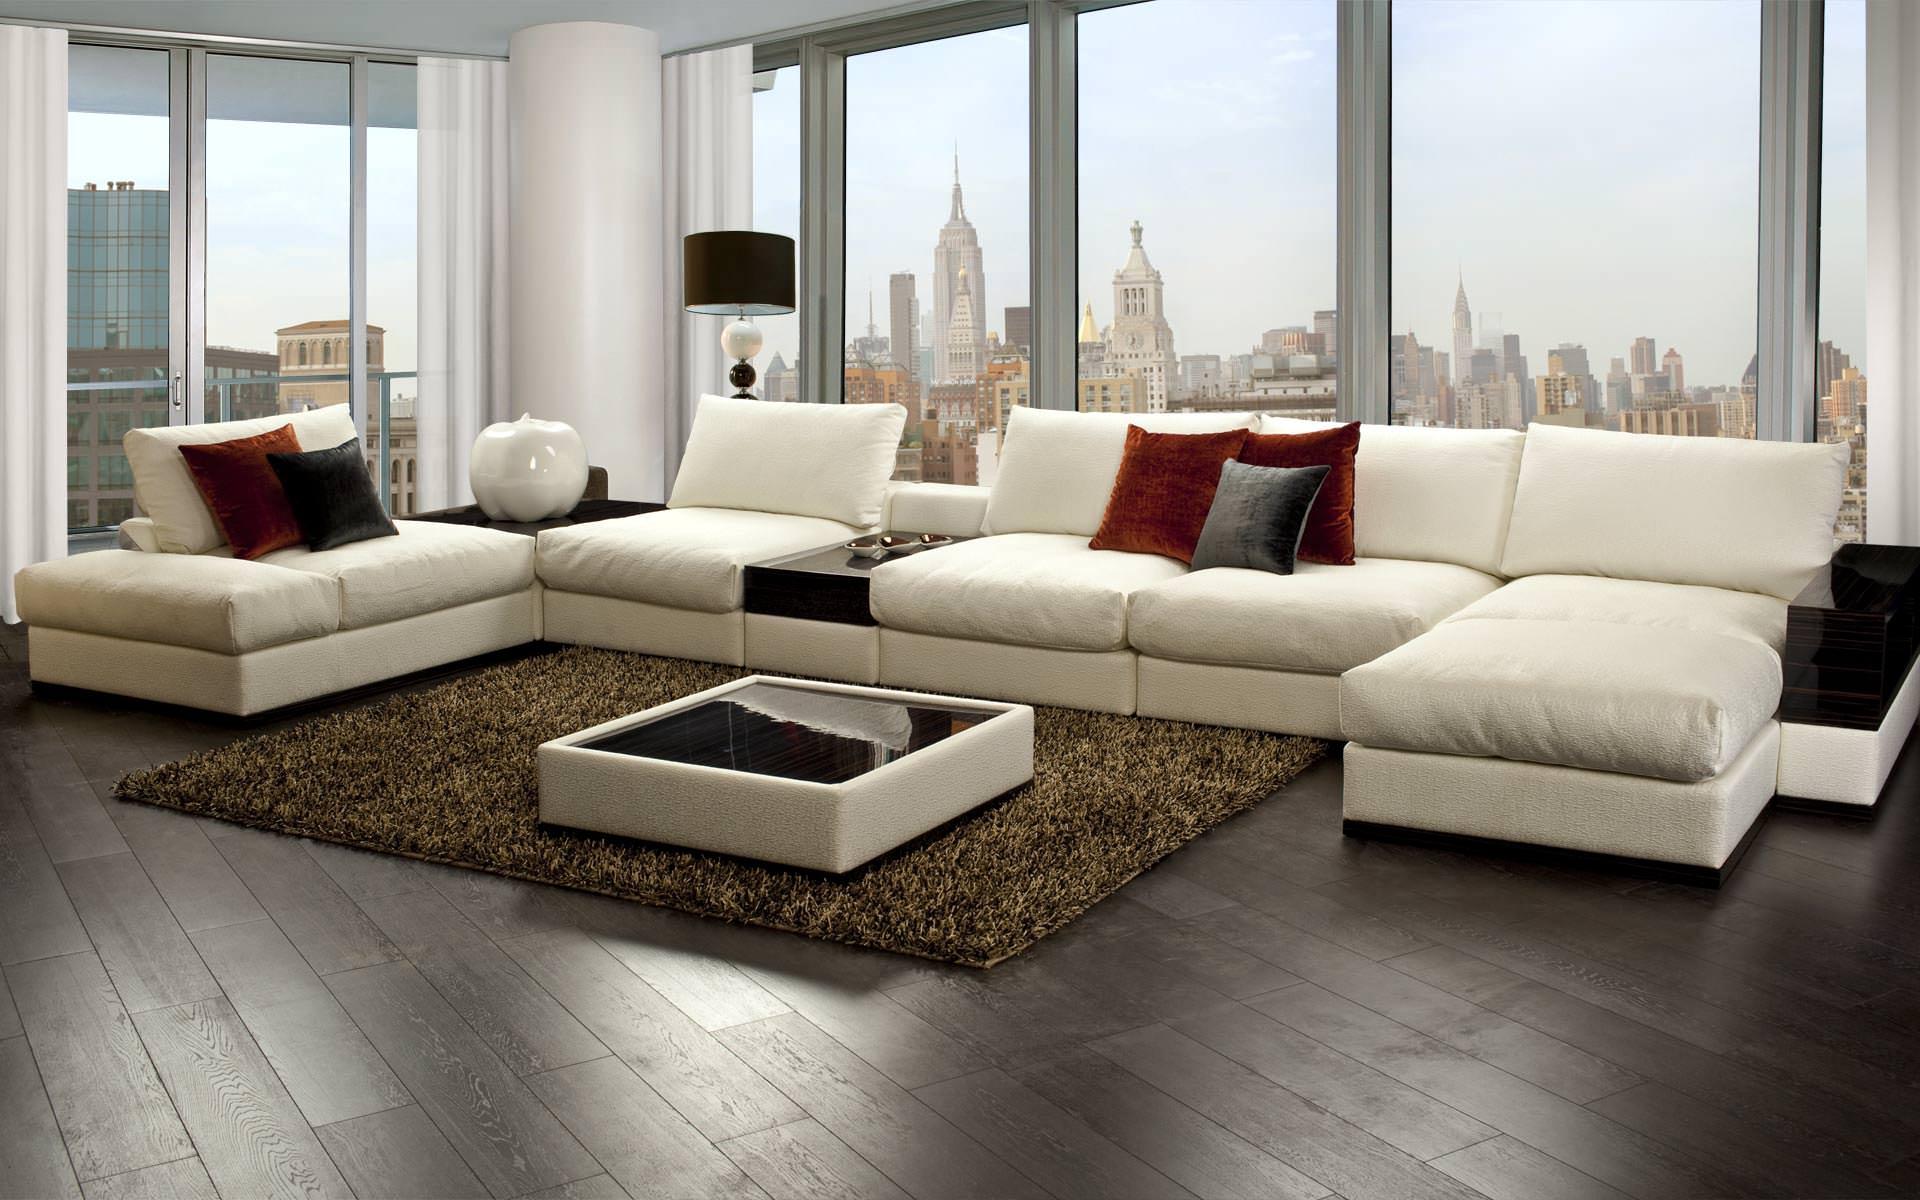 Функциональная мягкая мебель